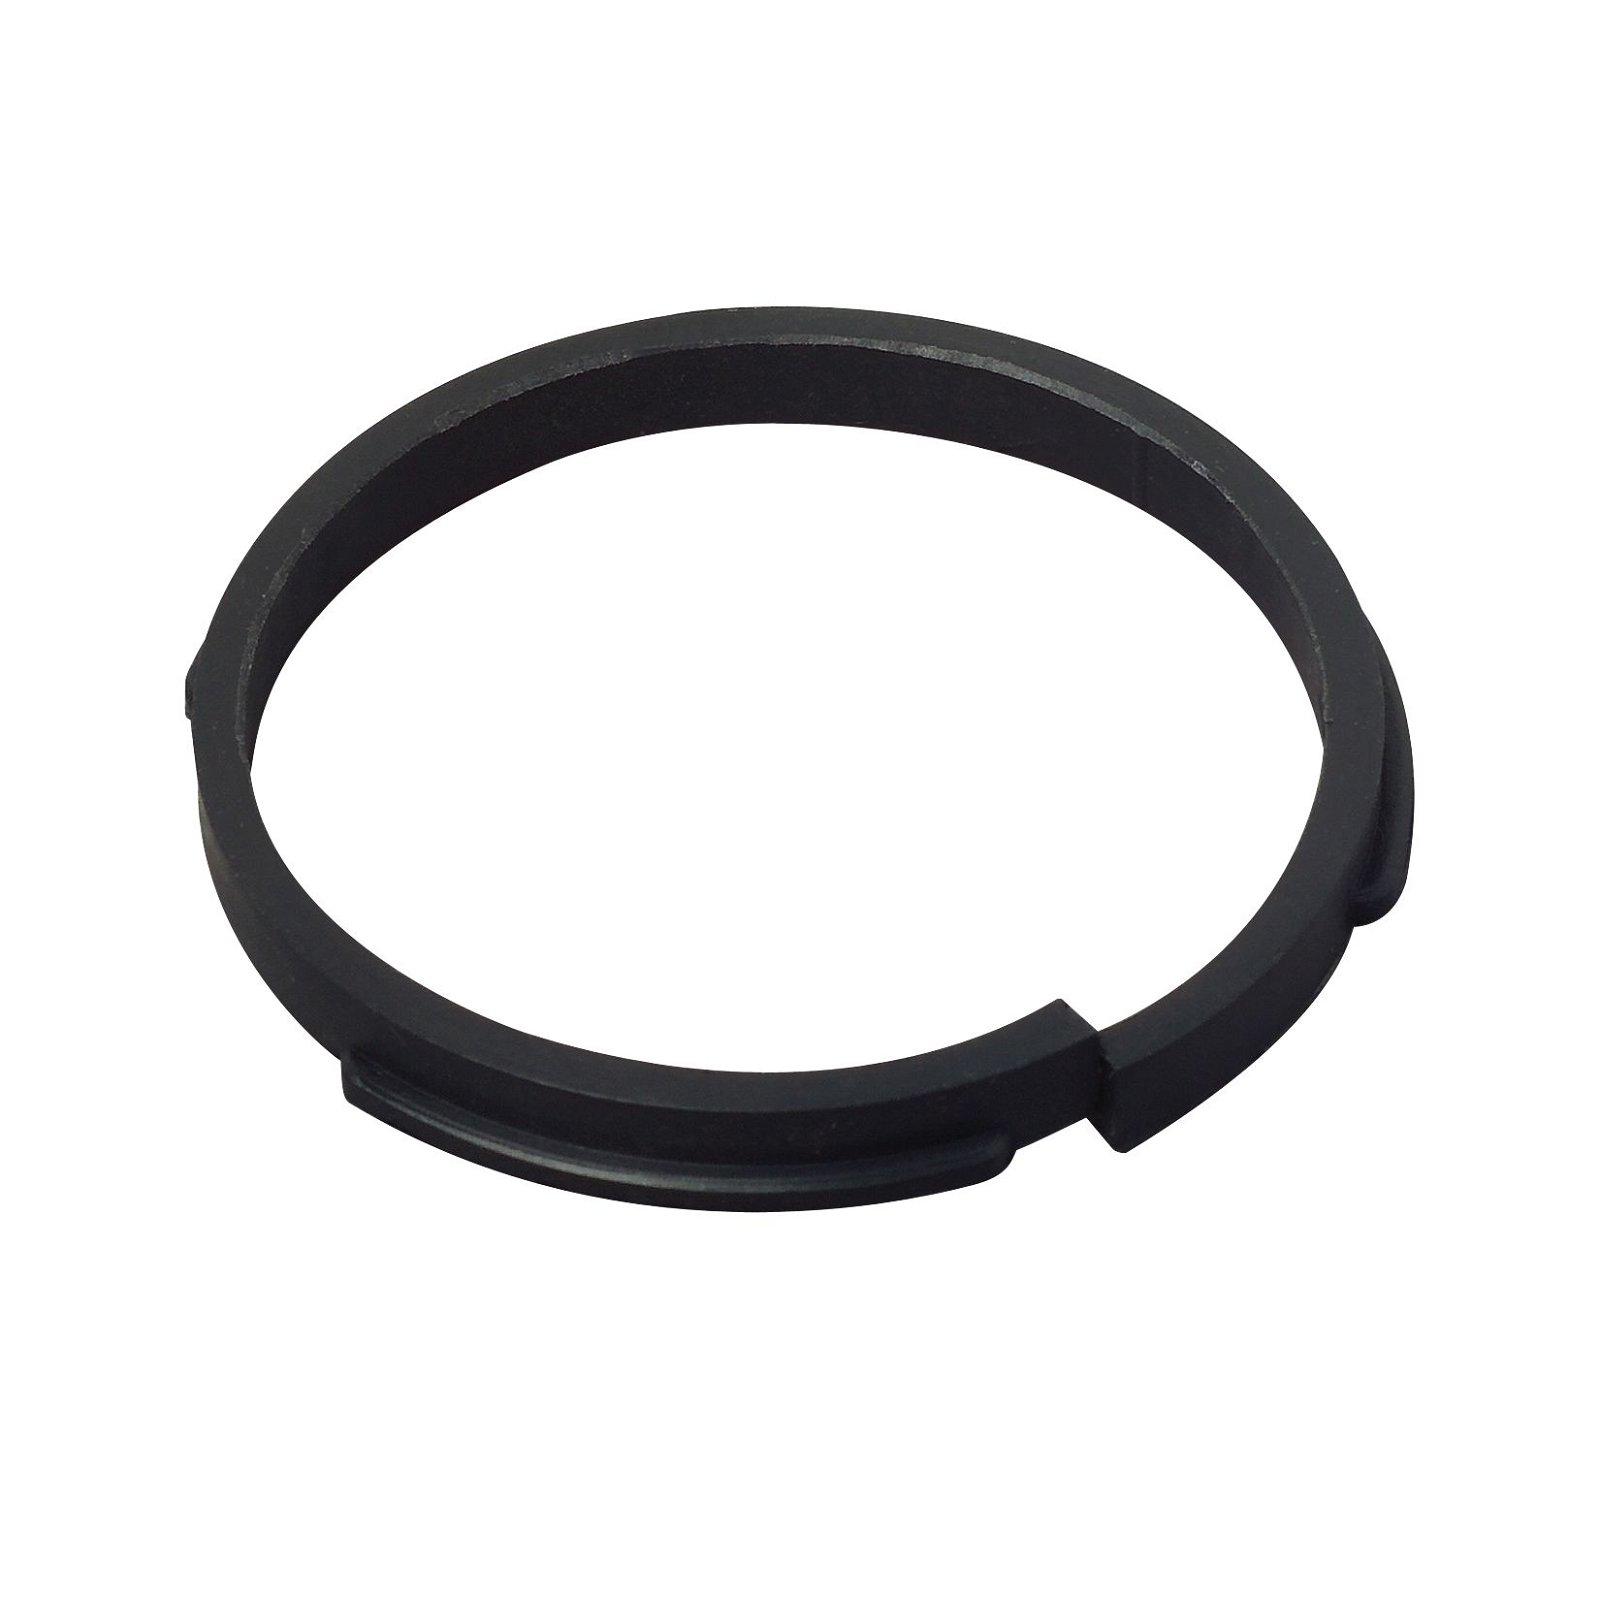 Klemring zwart (kunststof) voor meubelinbouwlamp